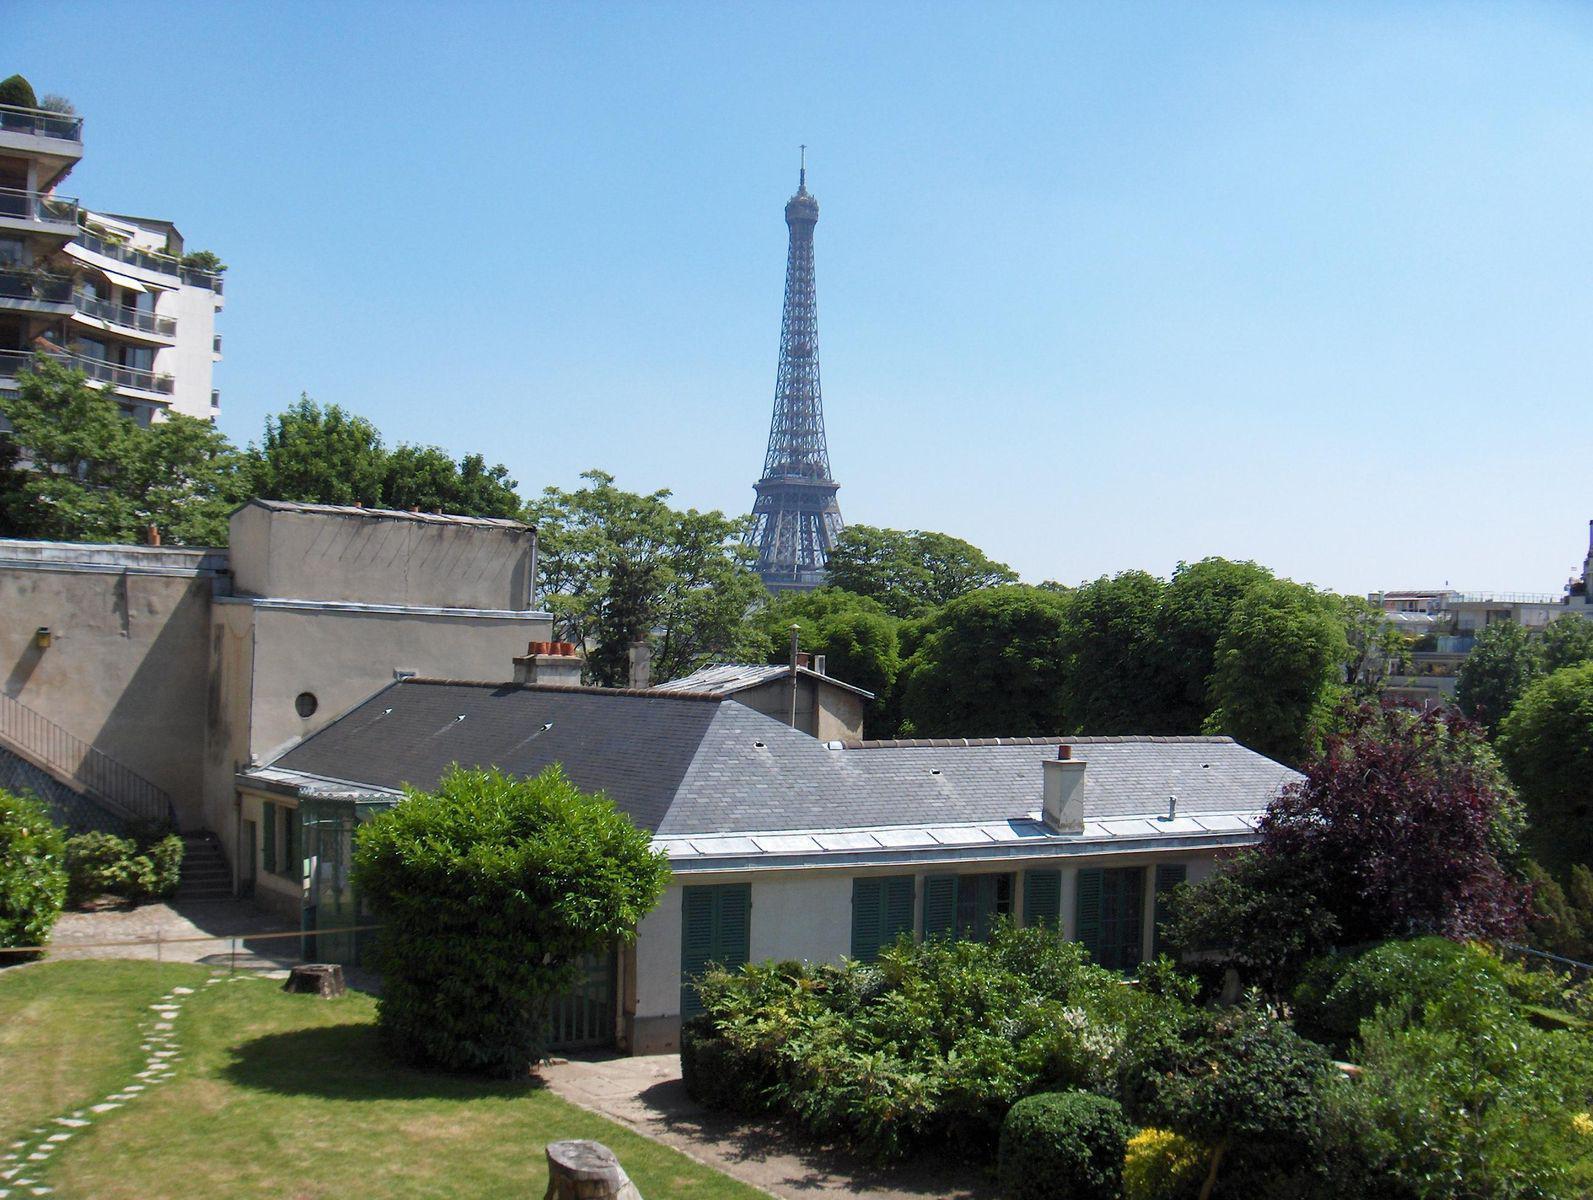 Image Maison de Balzac